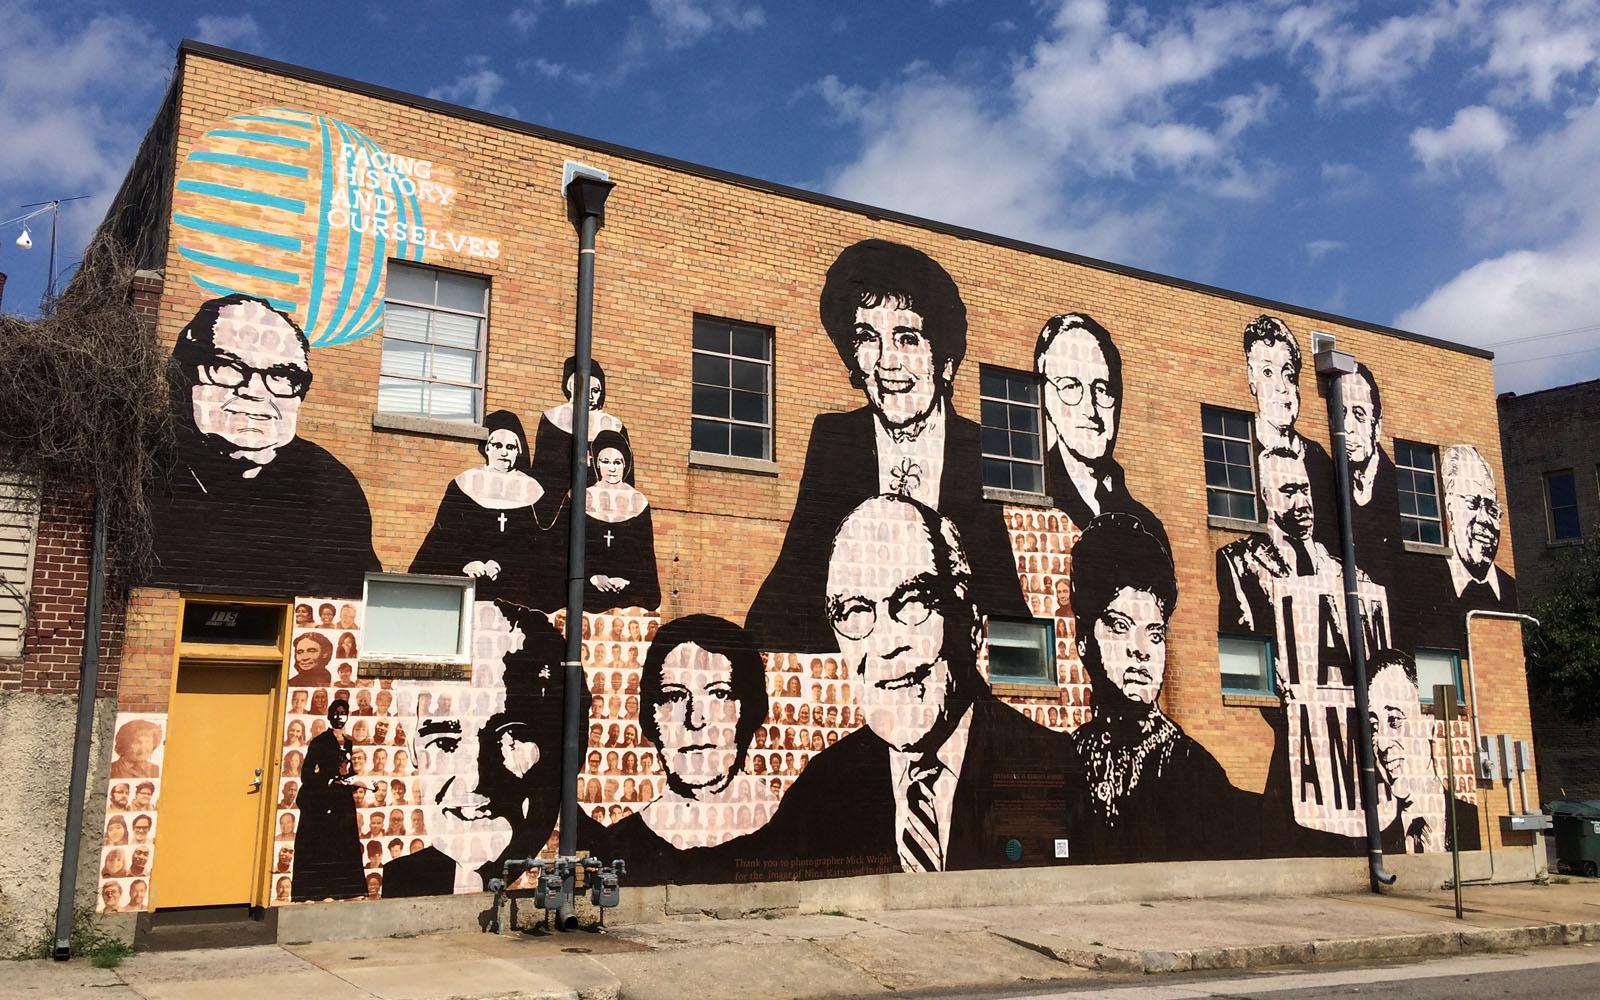 Un murales su un muro di Memphis.